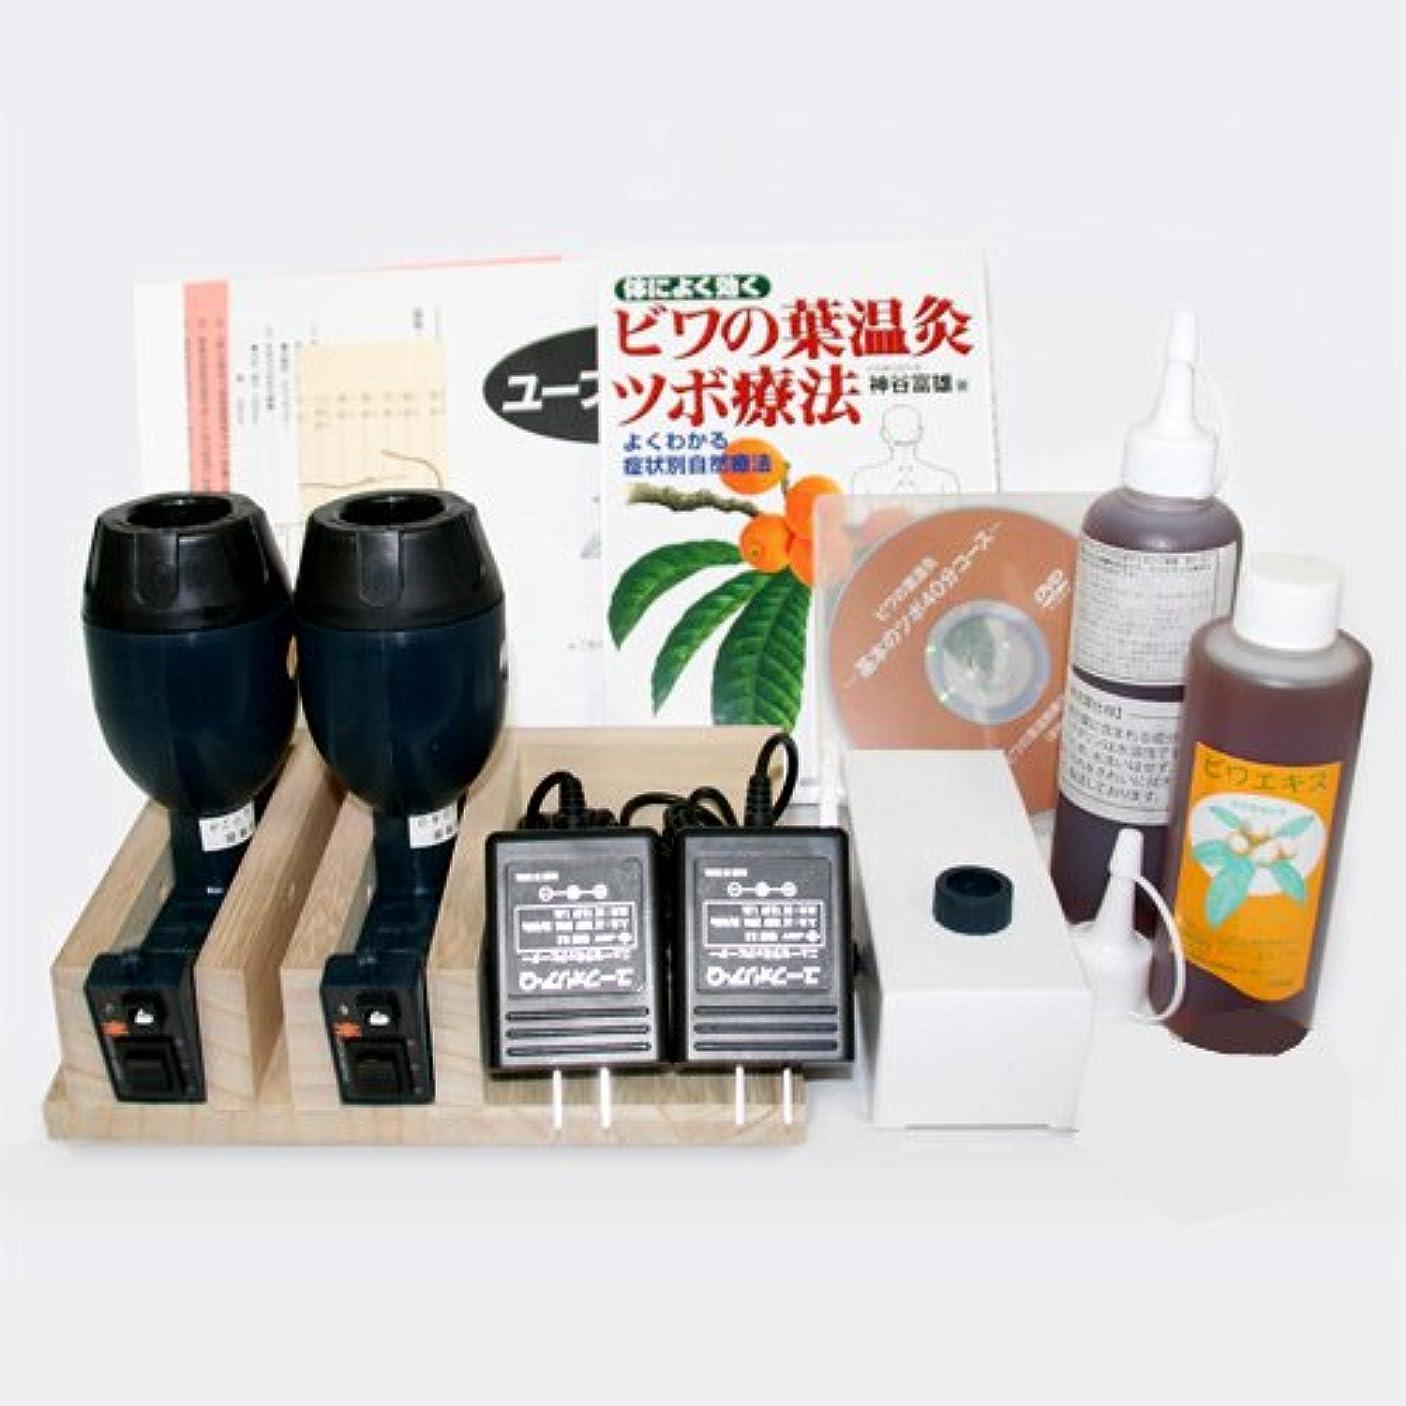 成功王室ライドびわの葉温灸器ユーフォリアQ+専用カセット54個+ビワエキス計450ミリ+DVD?本付